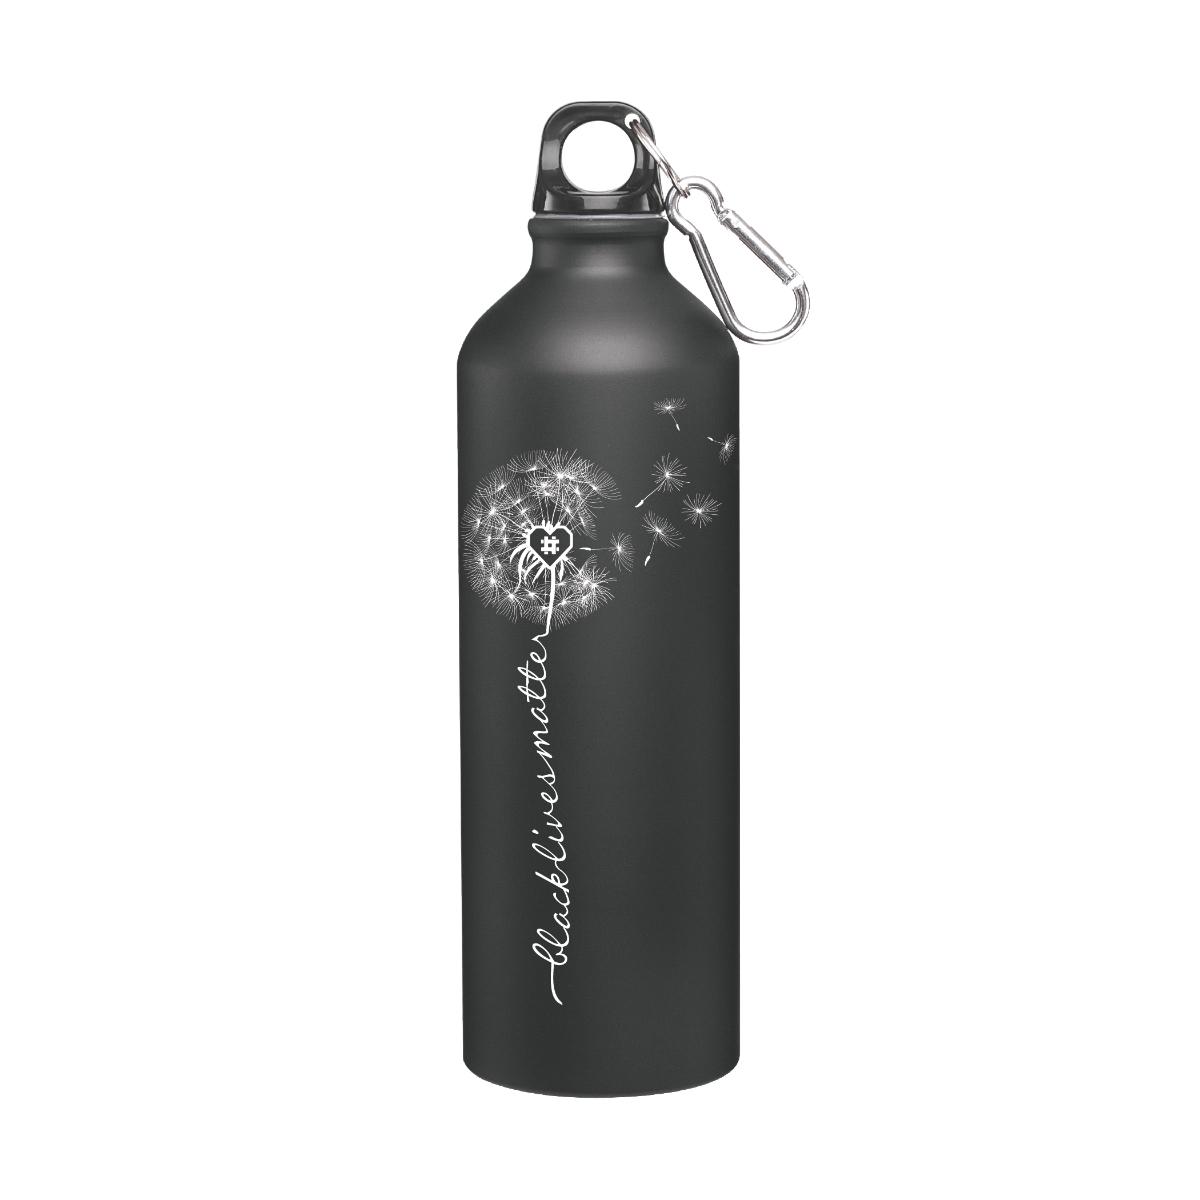 Dandelion Water Bottle